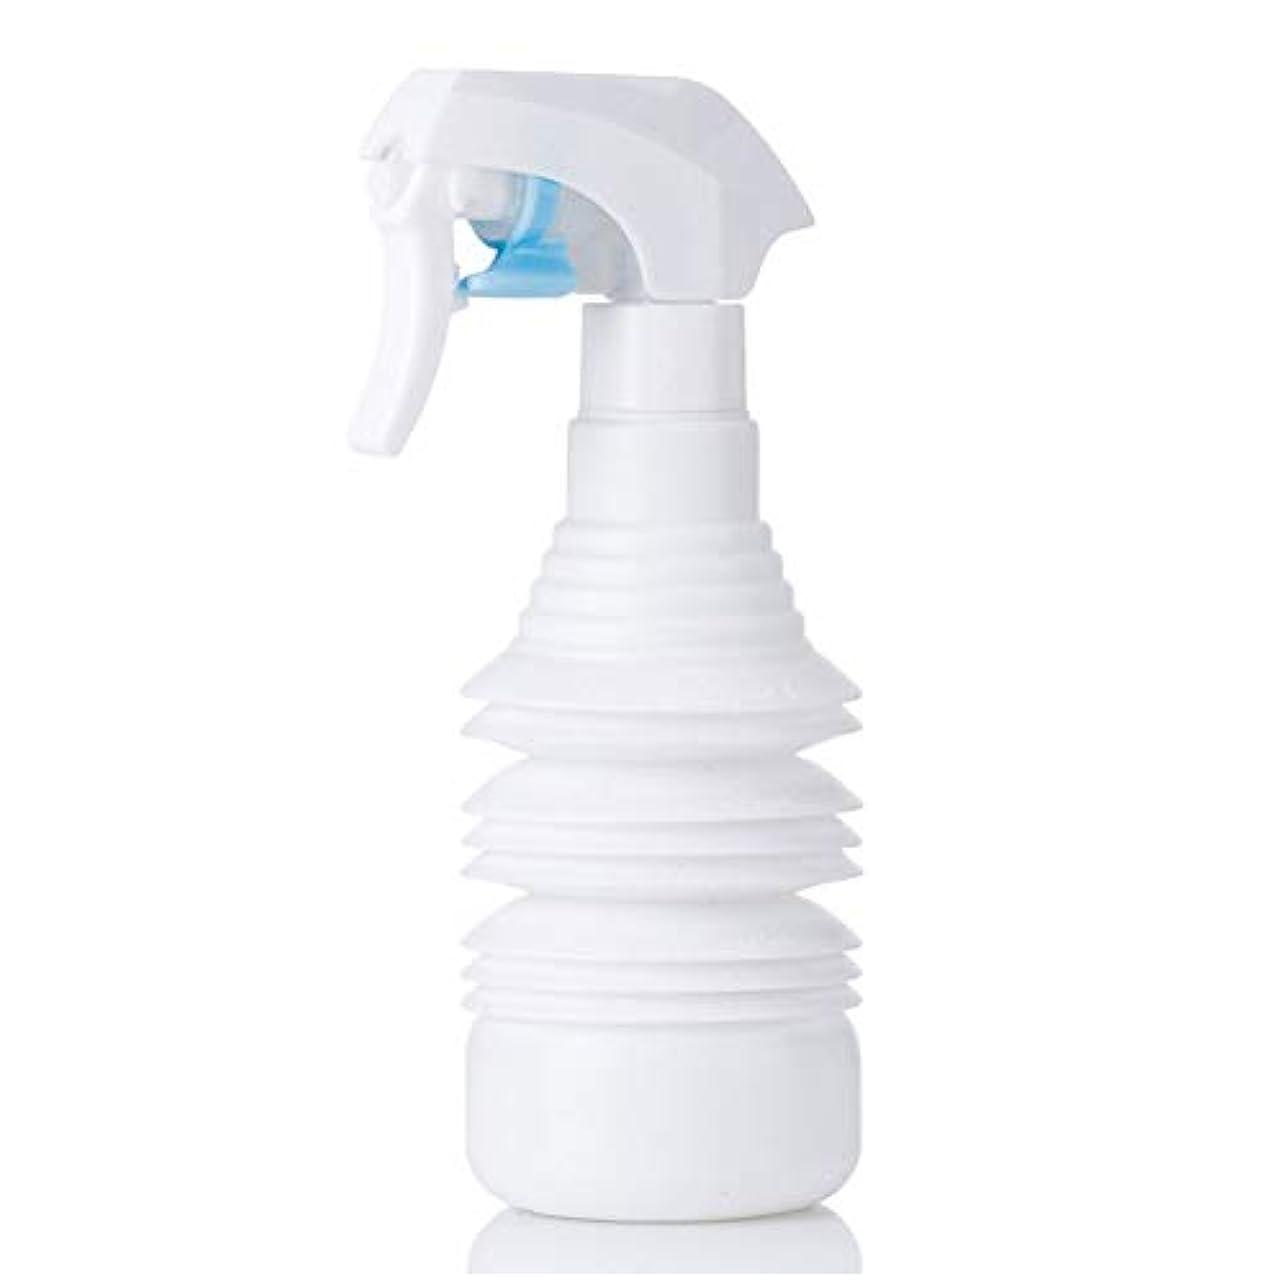 判定惨めな水分ヘアスタイリストヘアスプレー気化器用カーリーヘアスプレーボトルアトマイザー1100ml空スプレー用伸縮式超微細スプレーボトル-ブラック,白